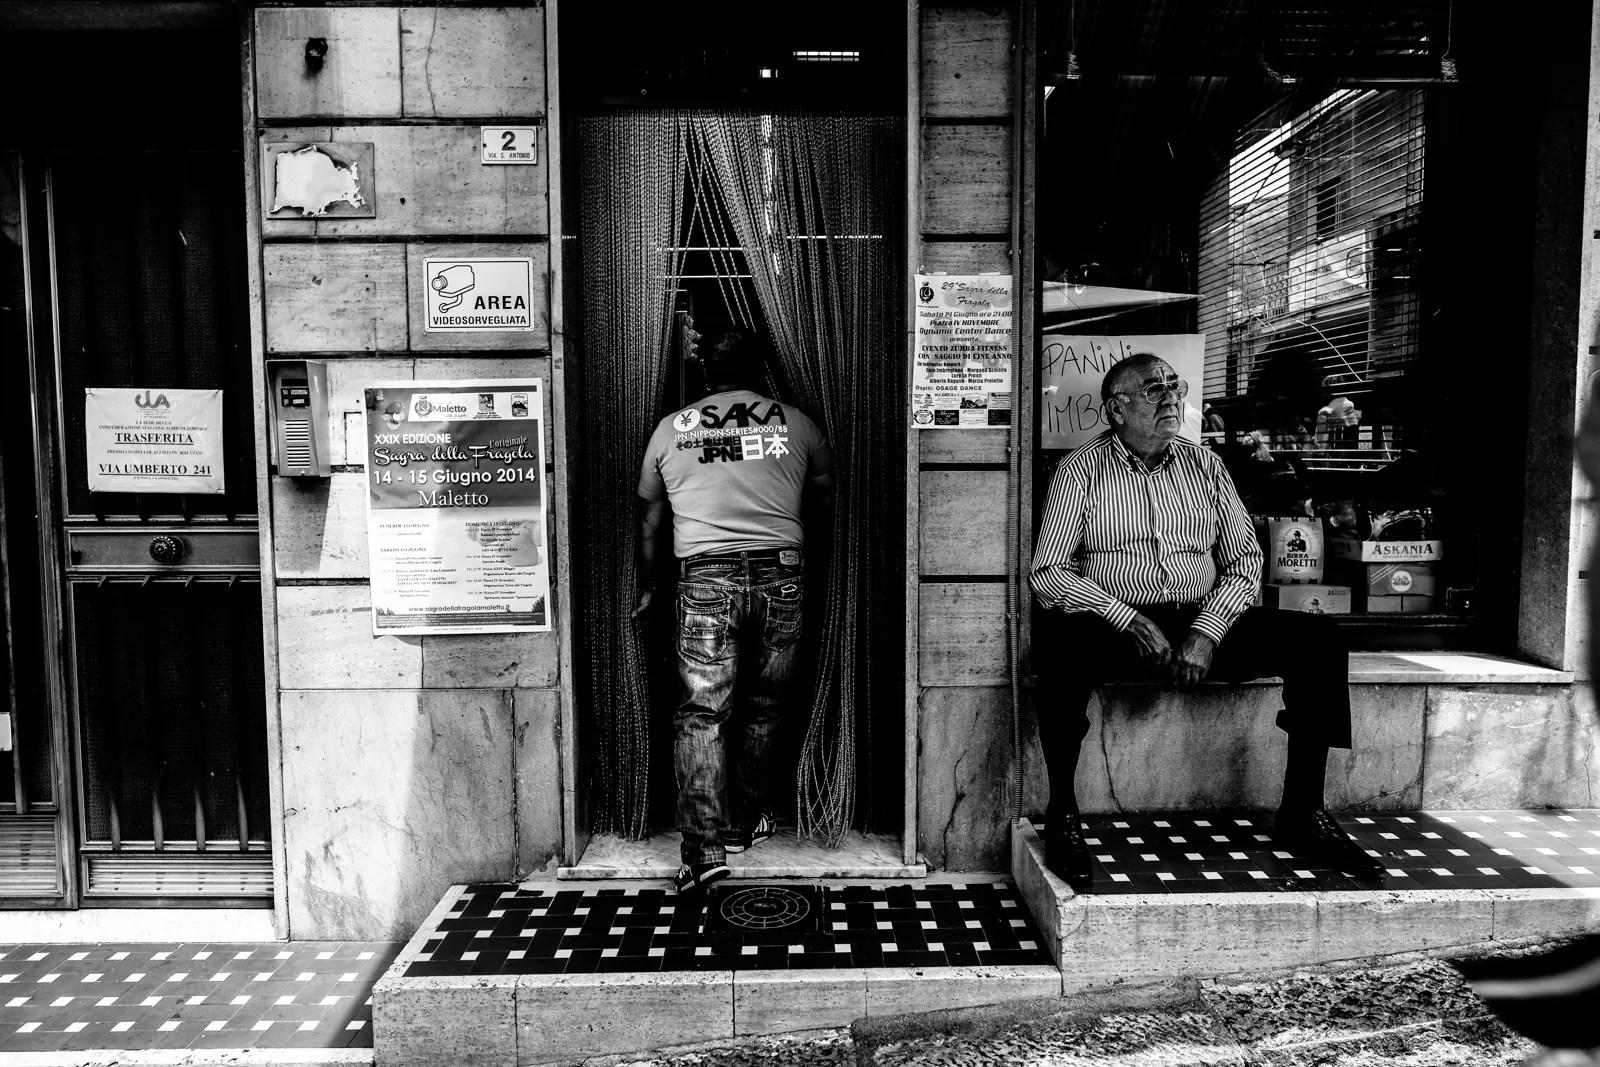 DSCF0528 - Un Giorno di festa - Sagra a Maletto [Street Photography] - fotostreet.it